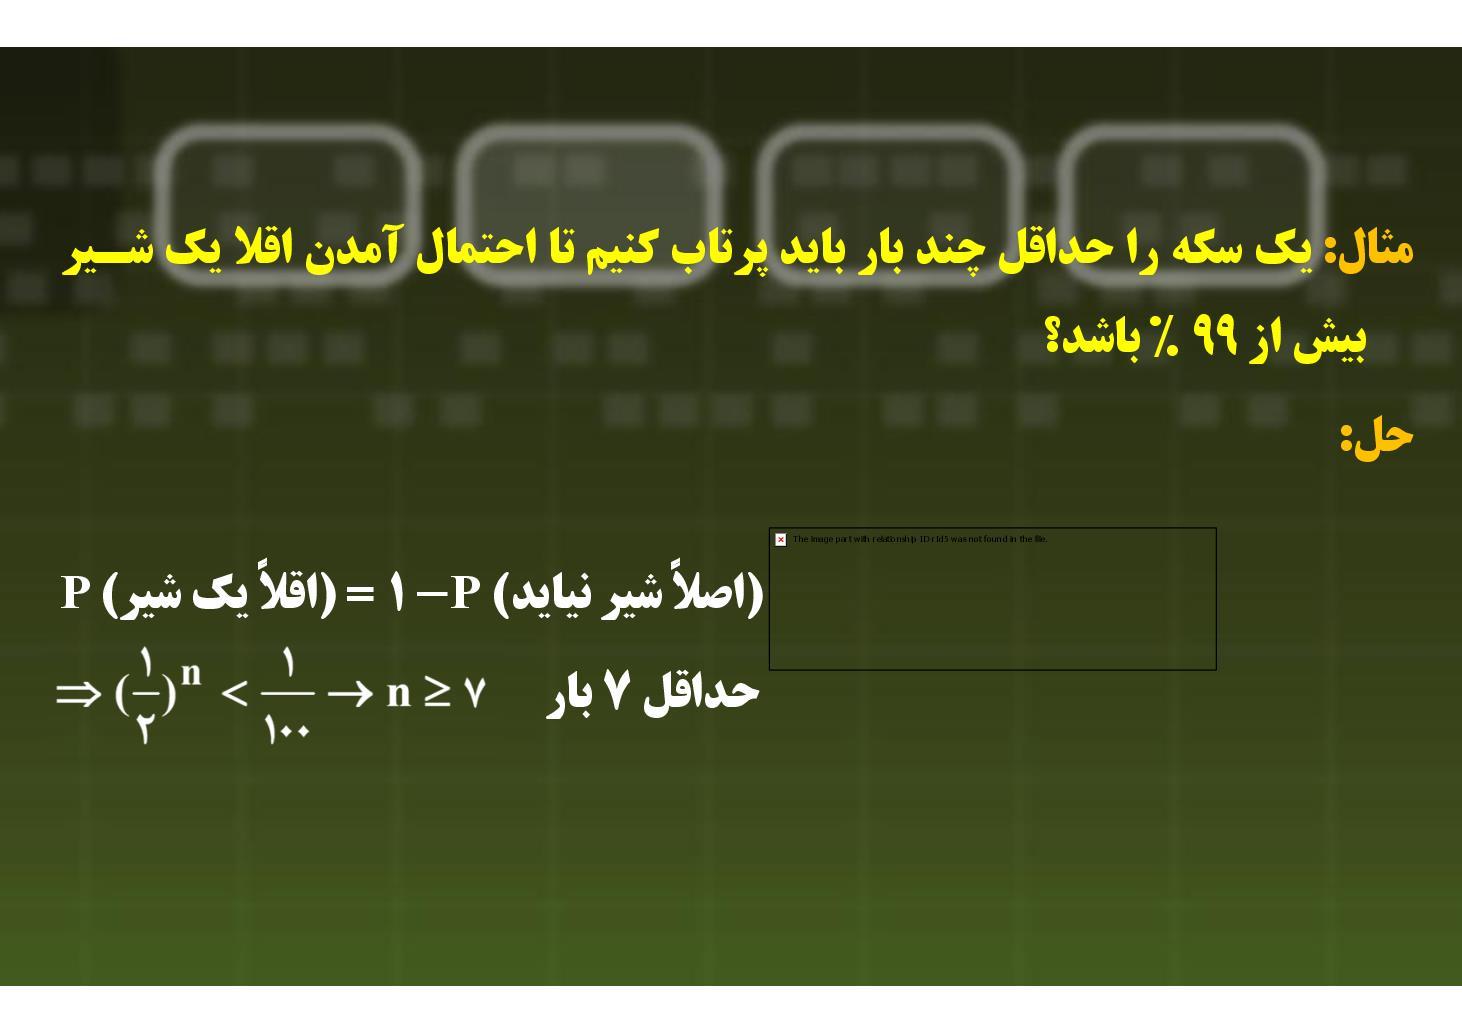 جبر- فصل ۴- احتمال ٢جملهای- بخش ٢ (PDF)